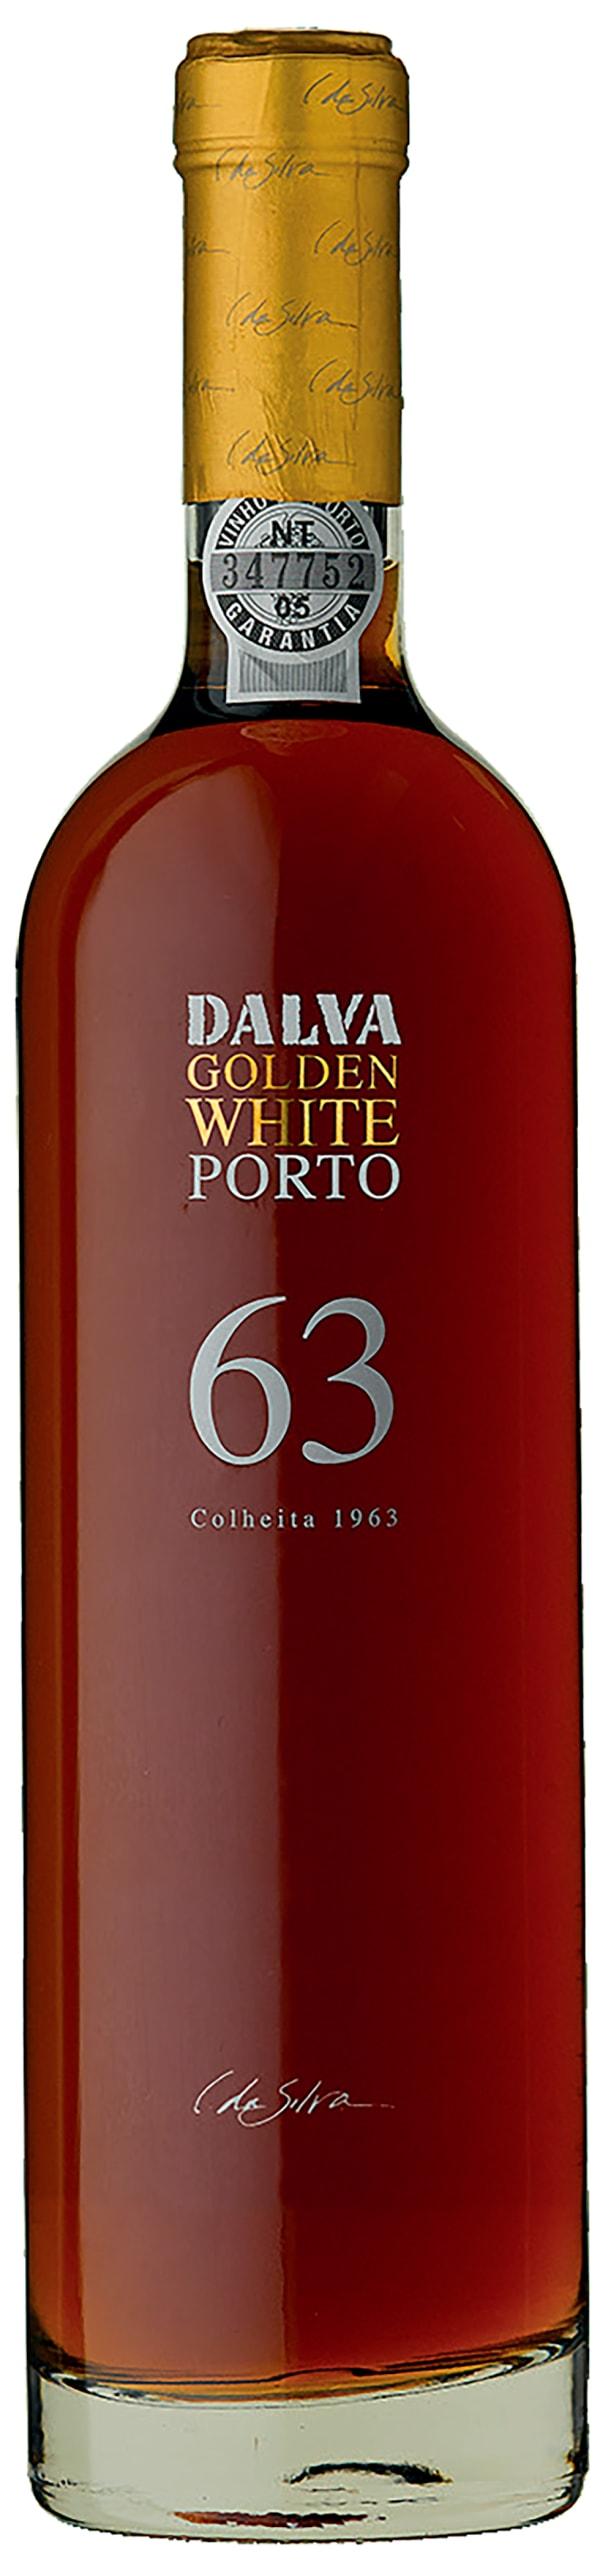 Dalva Golden White Port 1963